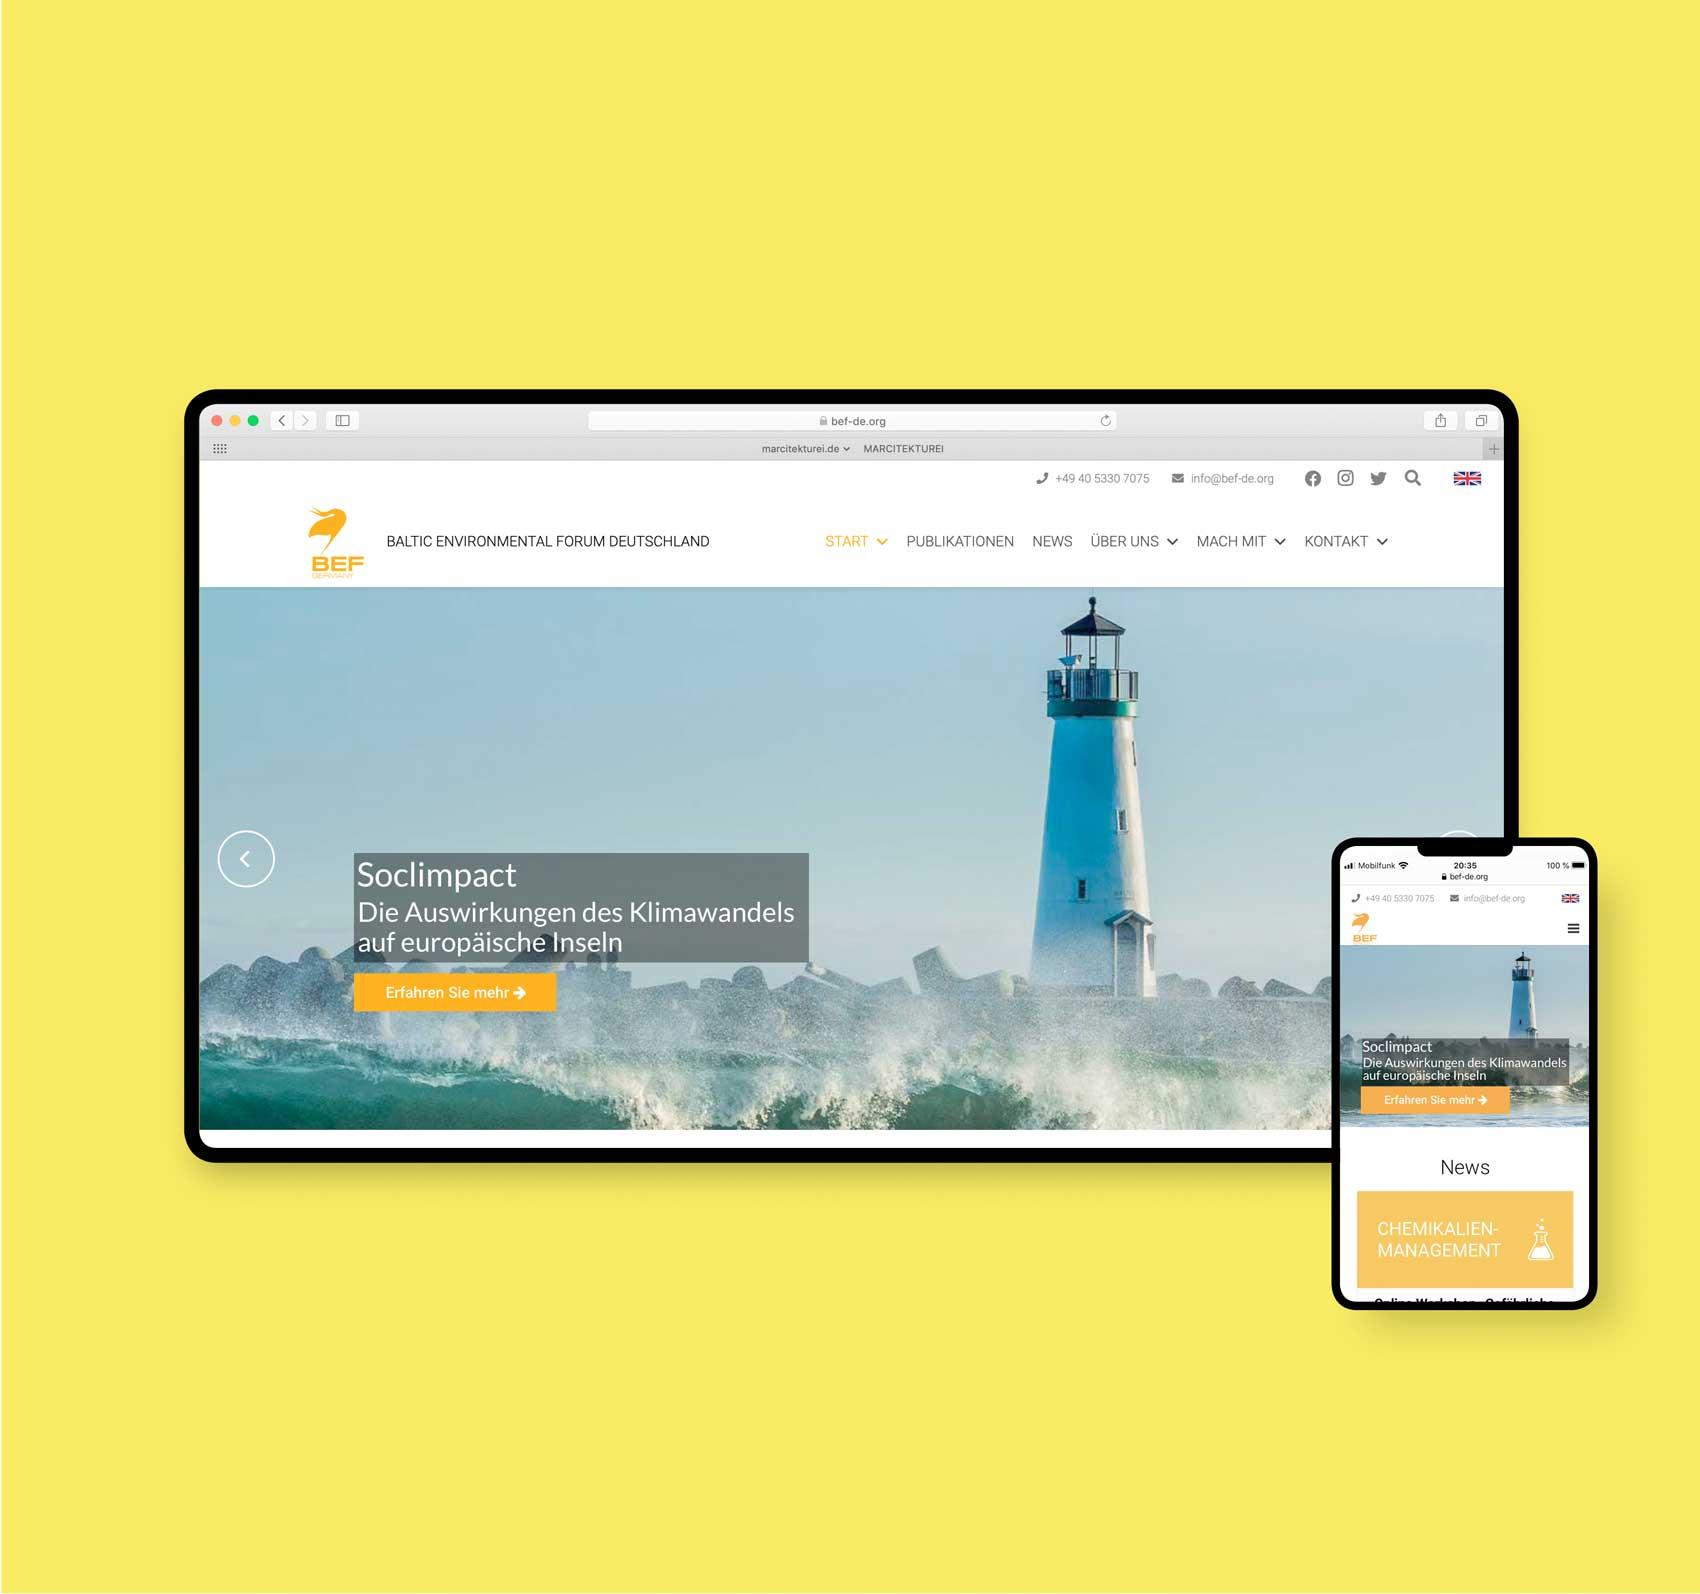 Webdesigner aus Hamburg | bef-de.org